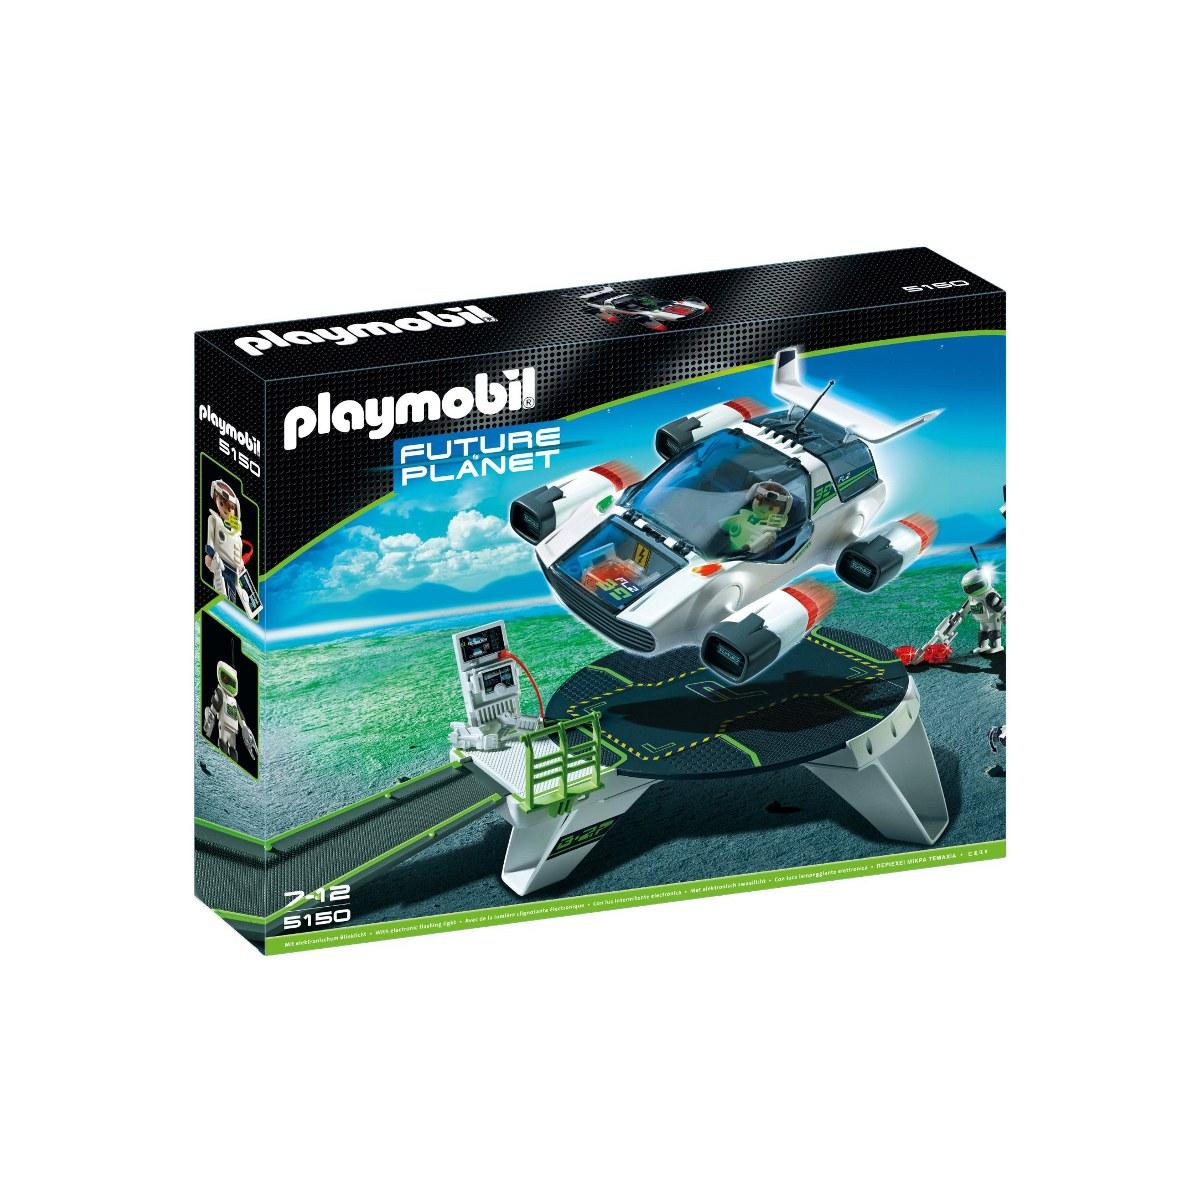 PLAYMOBIL  E-RANGERS TURBOJET 5150